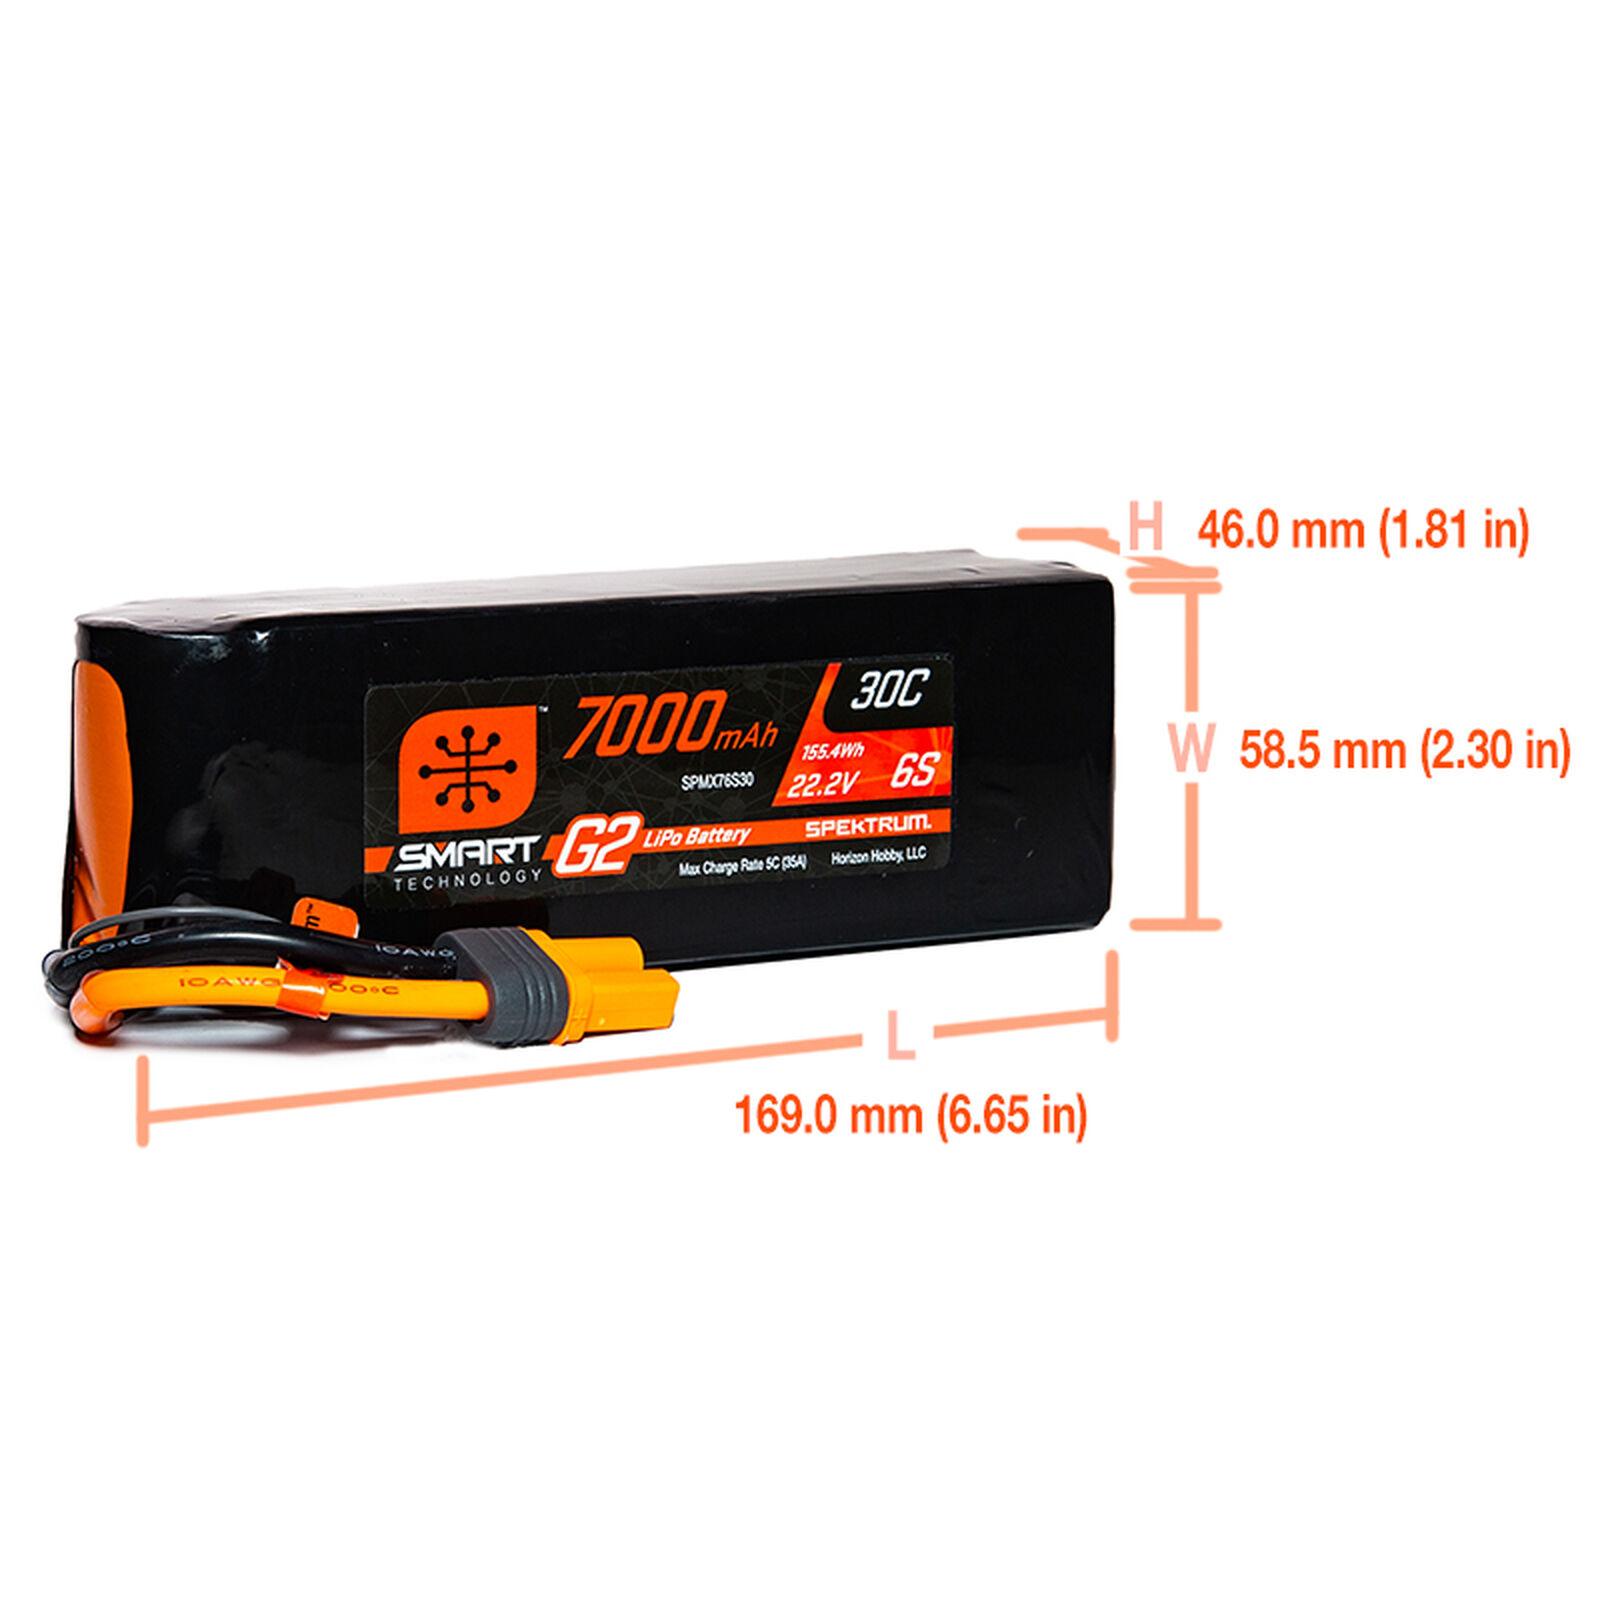 22.2V 7000mAh 6S 30C Smart LiPo G2: IC5